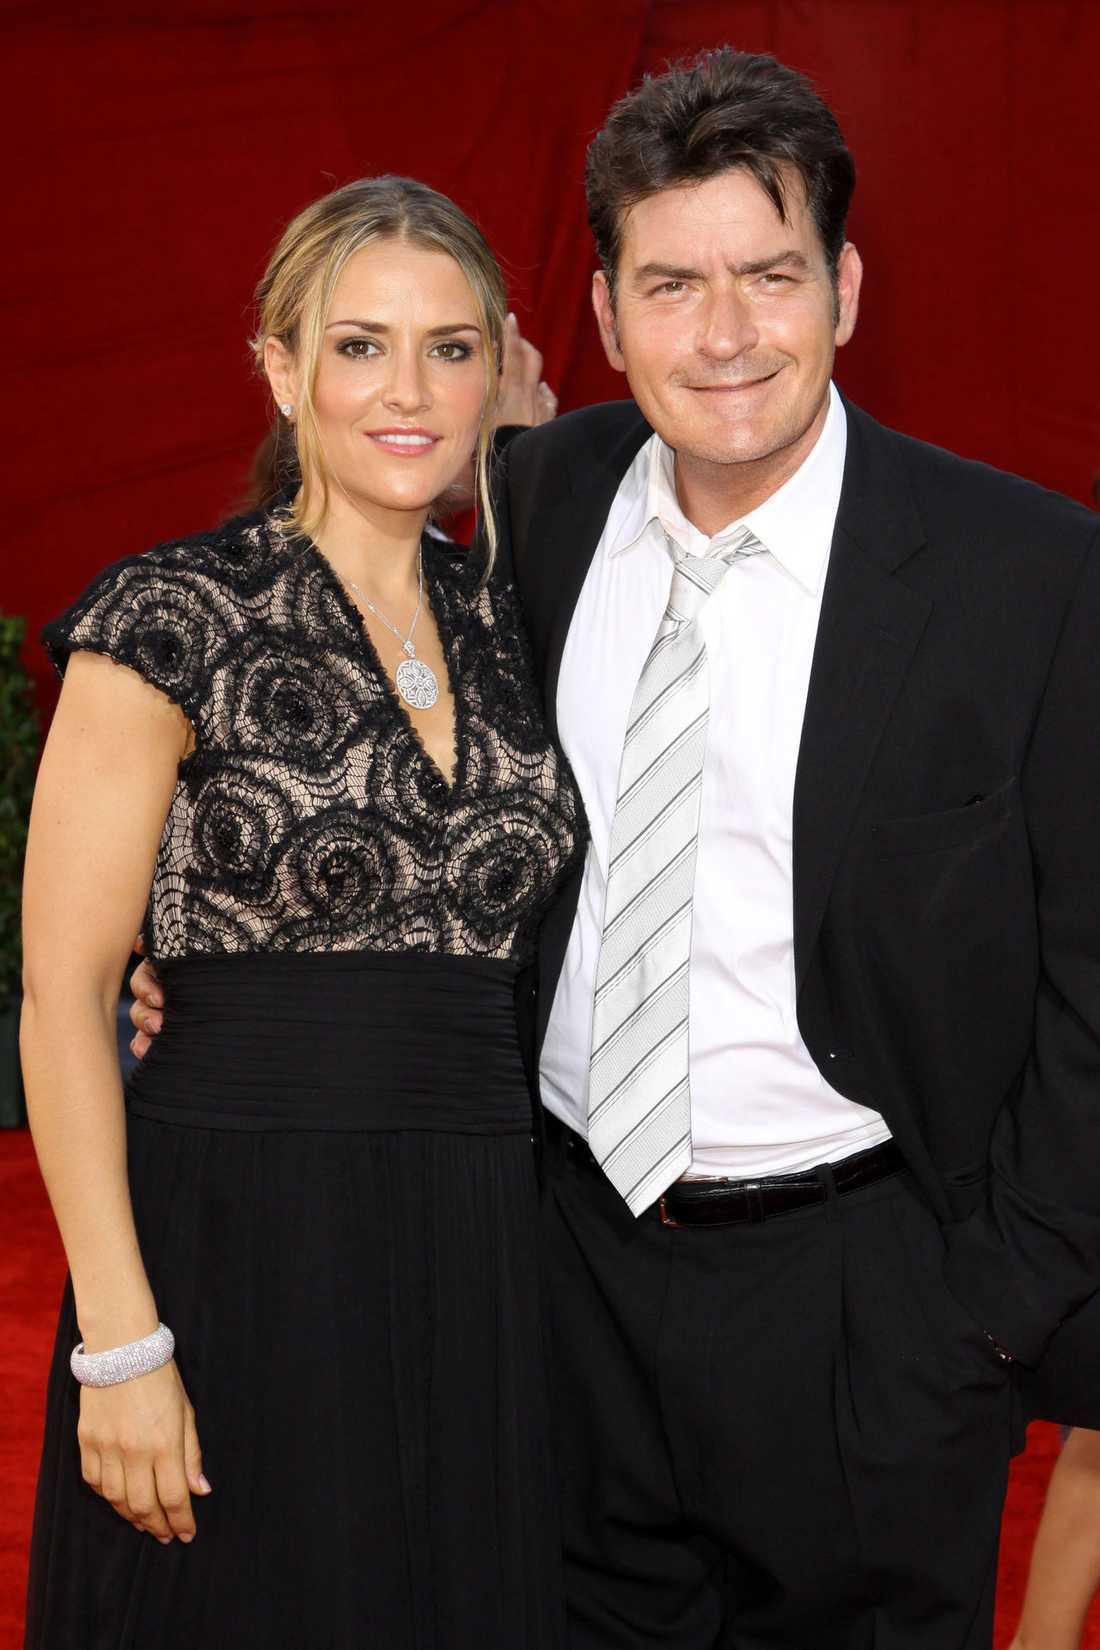 2009 Häktas misstänkt för att ha knivhotat och slagit sin nya fru Brooke Mueller under deras julsemester i lyxiga skidorten Aspen.